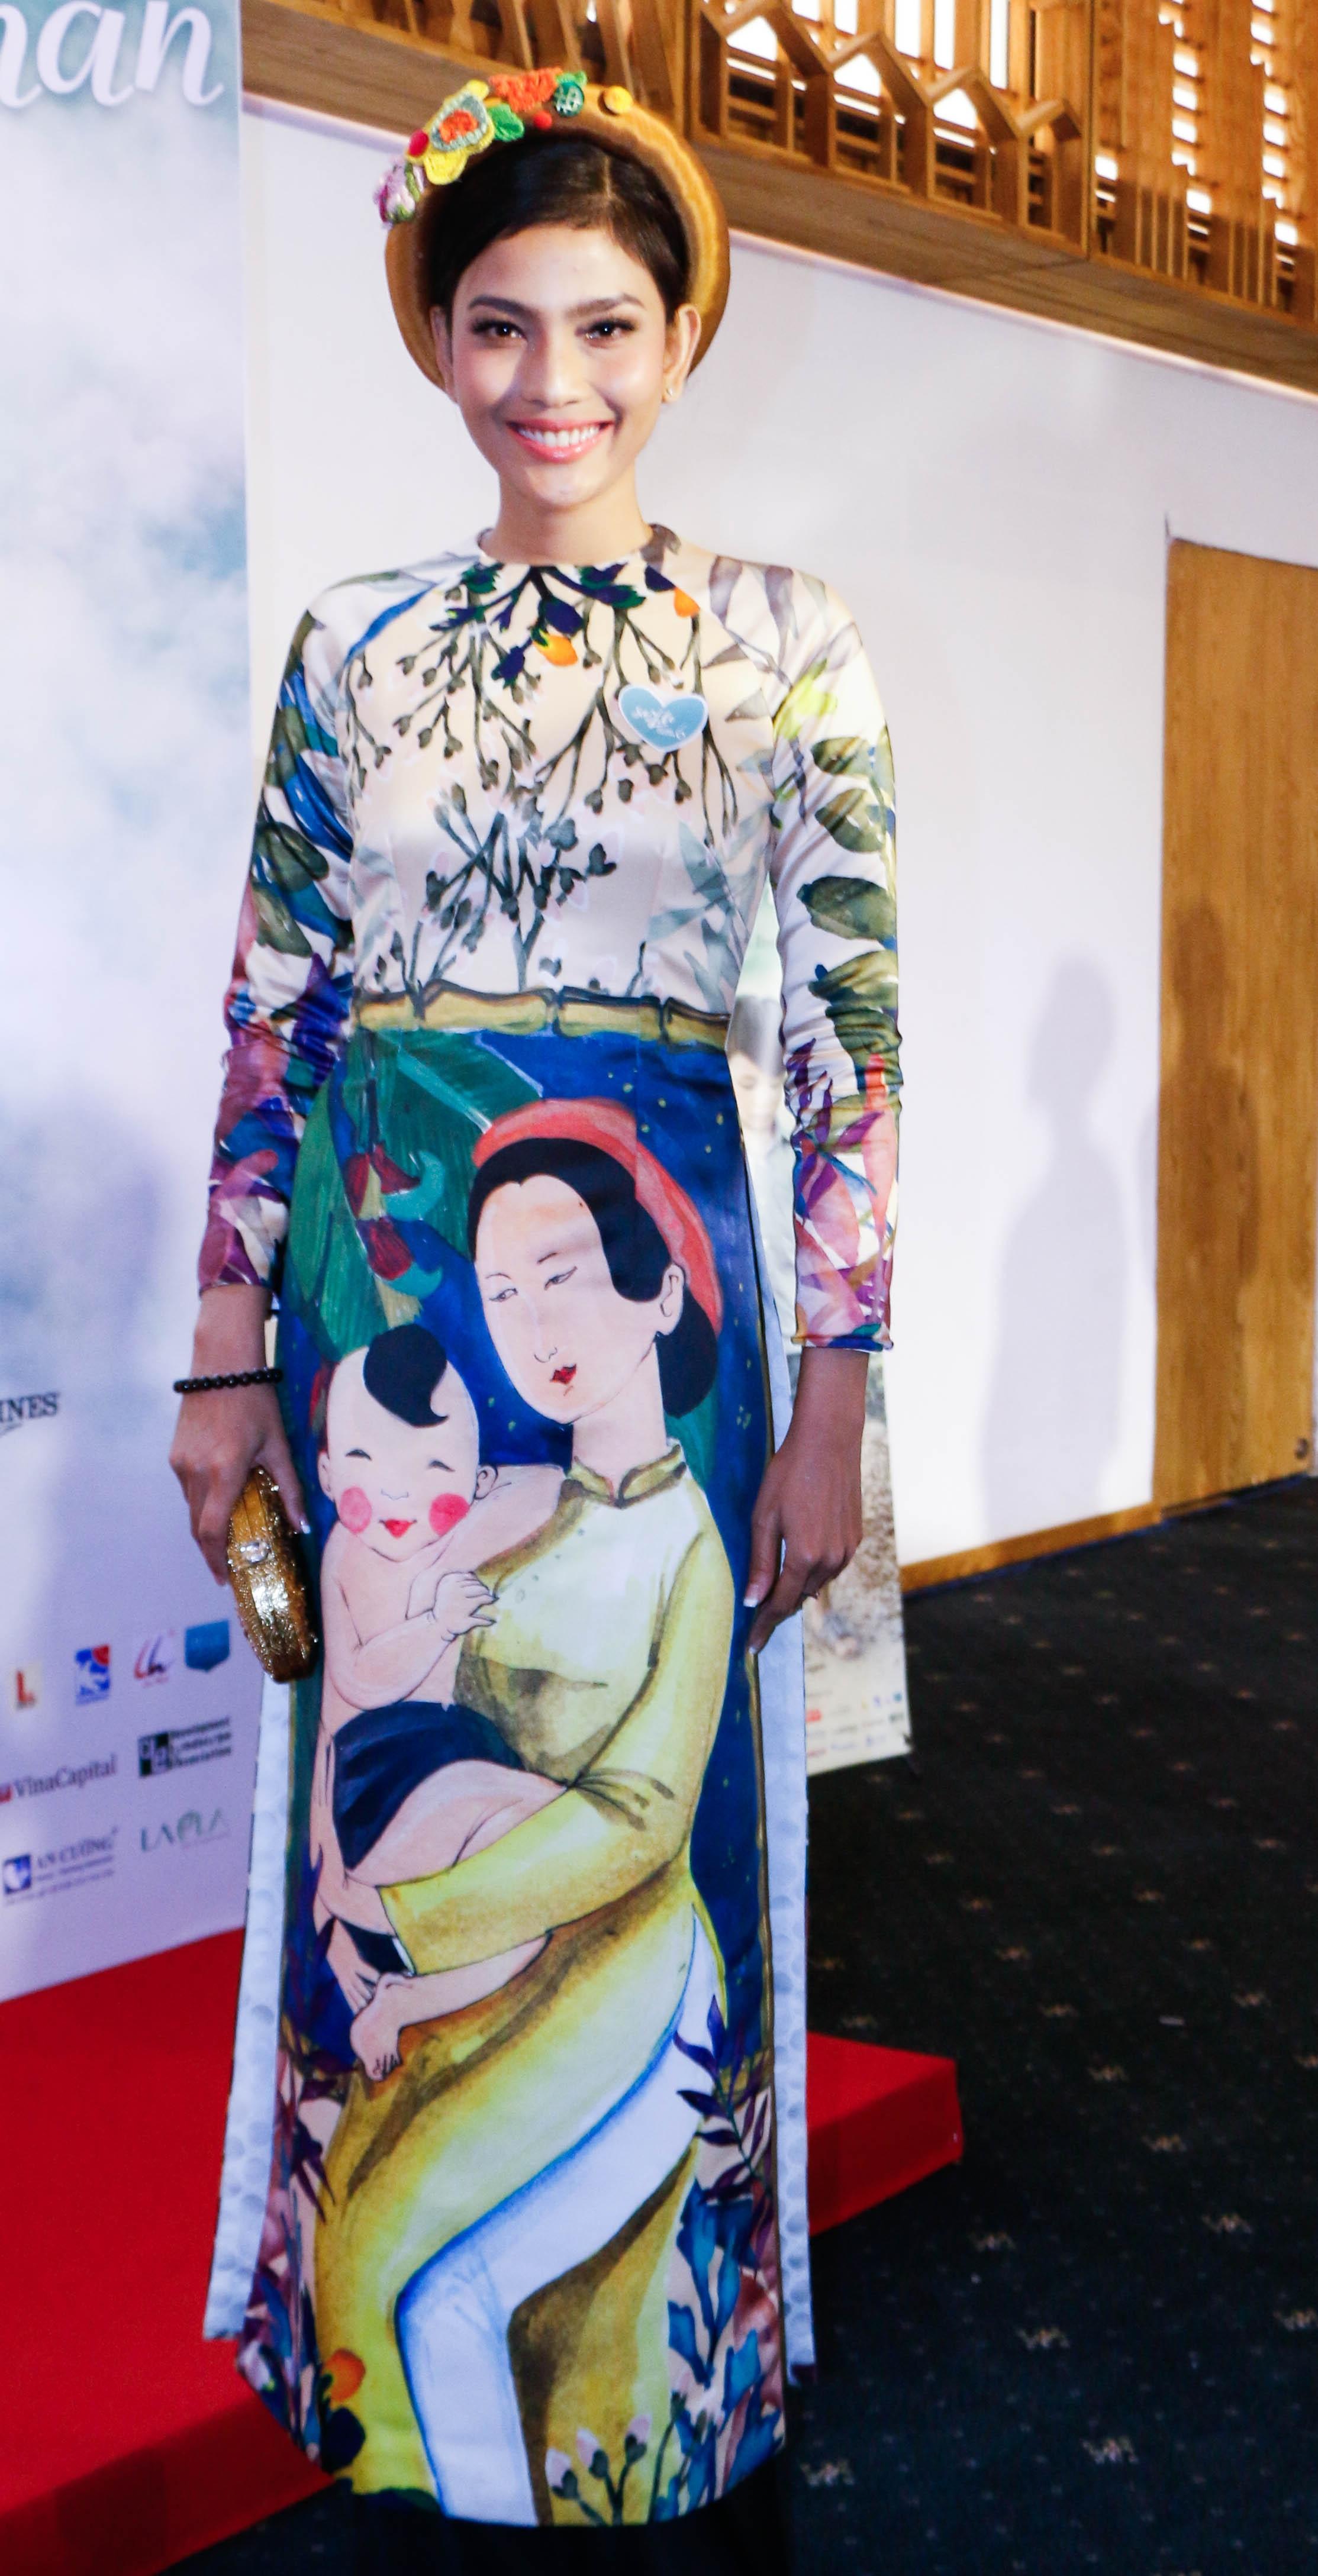 Á hậu Trương Thị May khoác lên mình bộ áo dài với hình ảnh người mẹ ôm đứa con rất tình cảm.